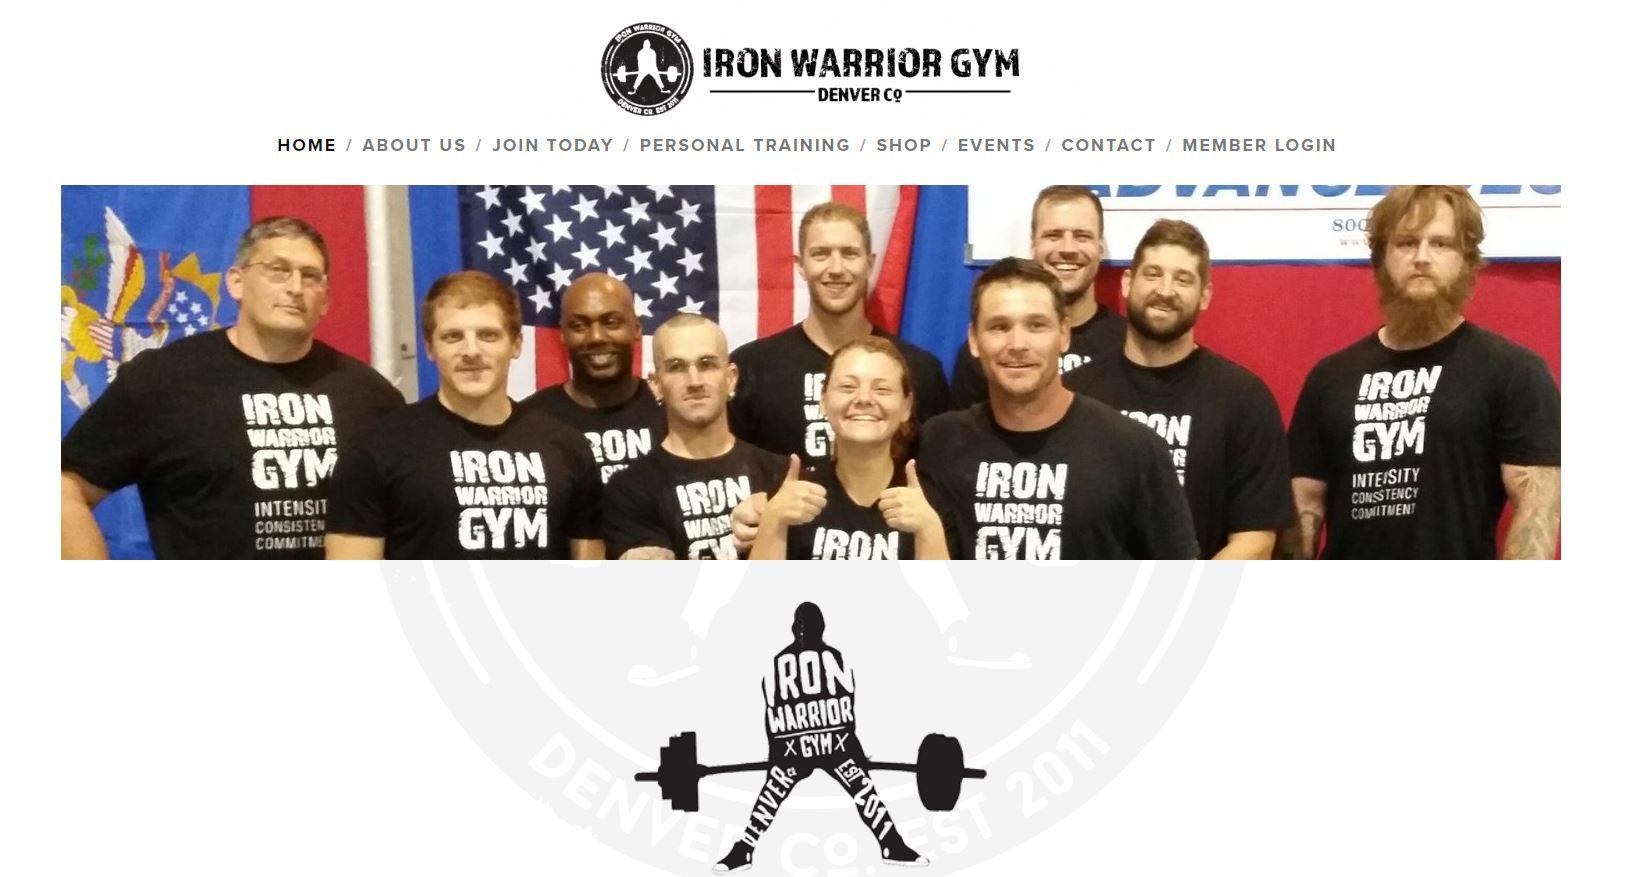 iron warrior gym website.JPG